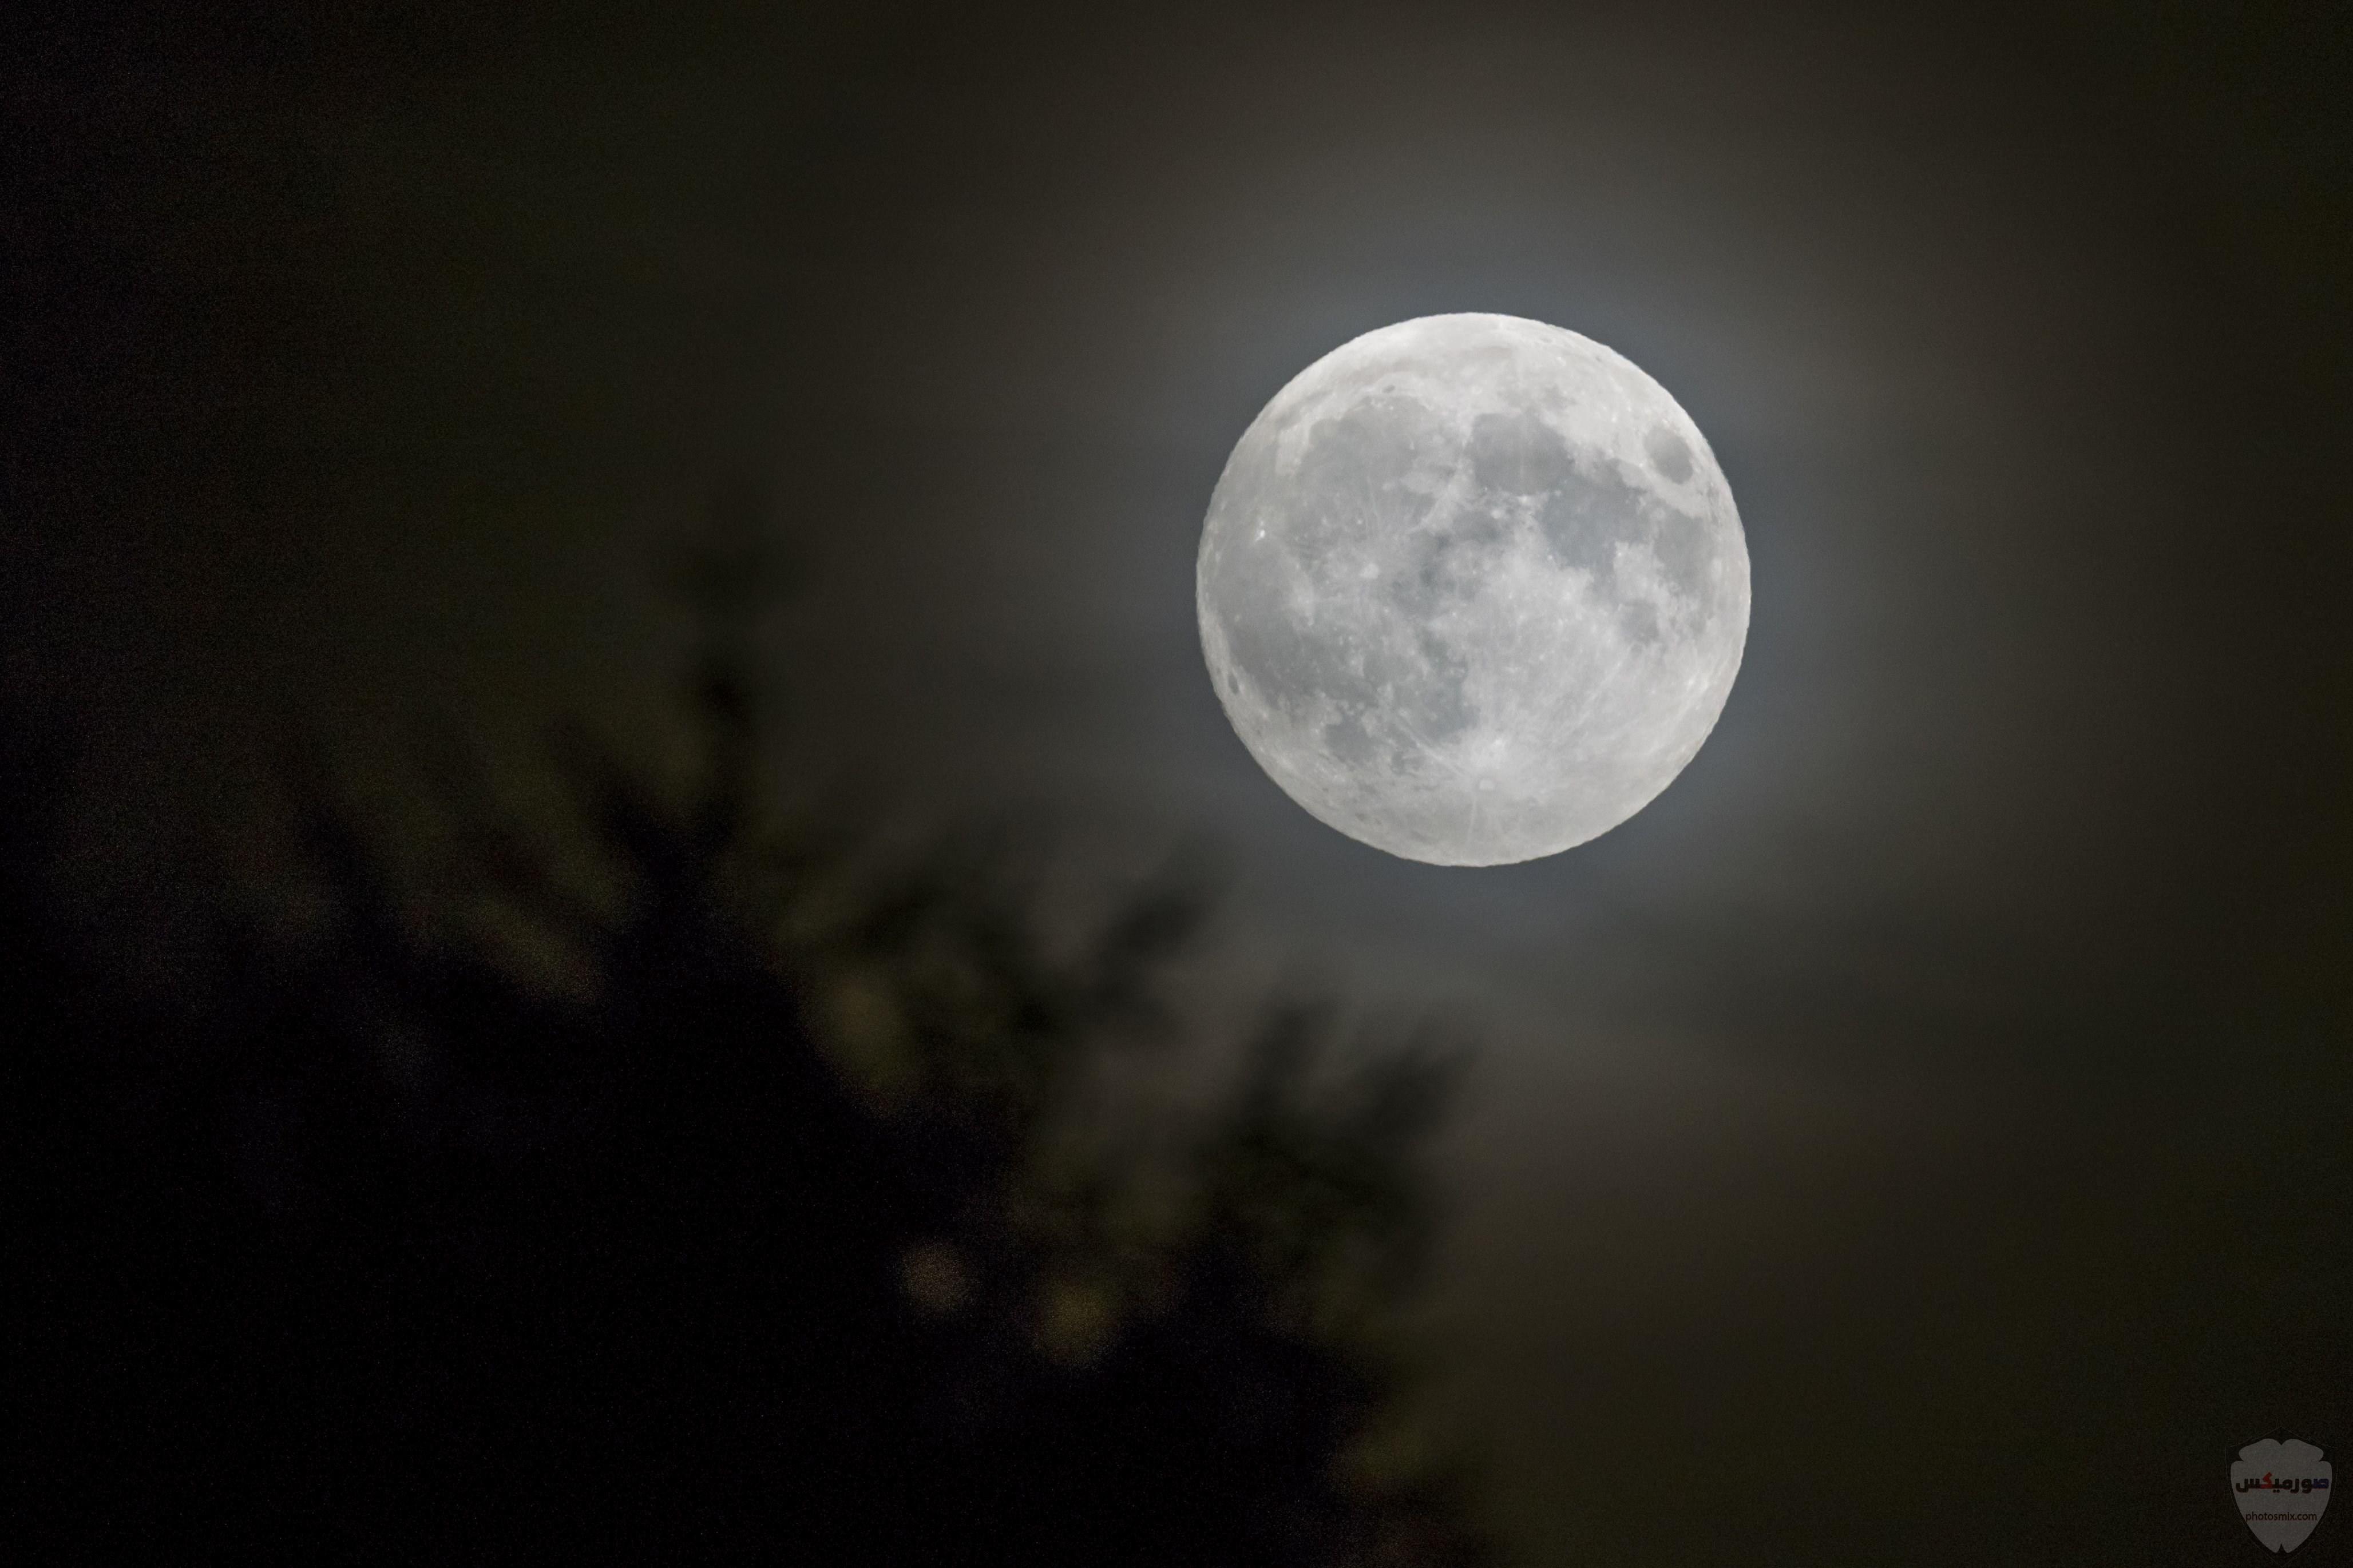 صور القمر والسماء والنجوم خلفيات للقمر والبدر والهلال عالية الجودة 1